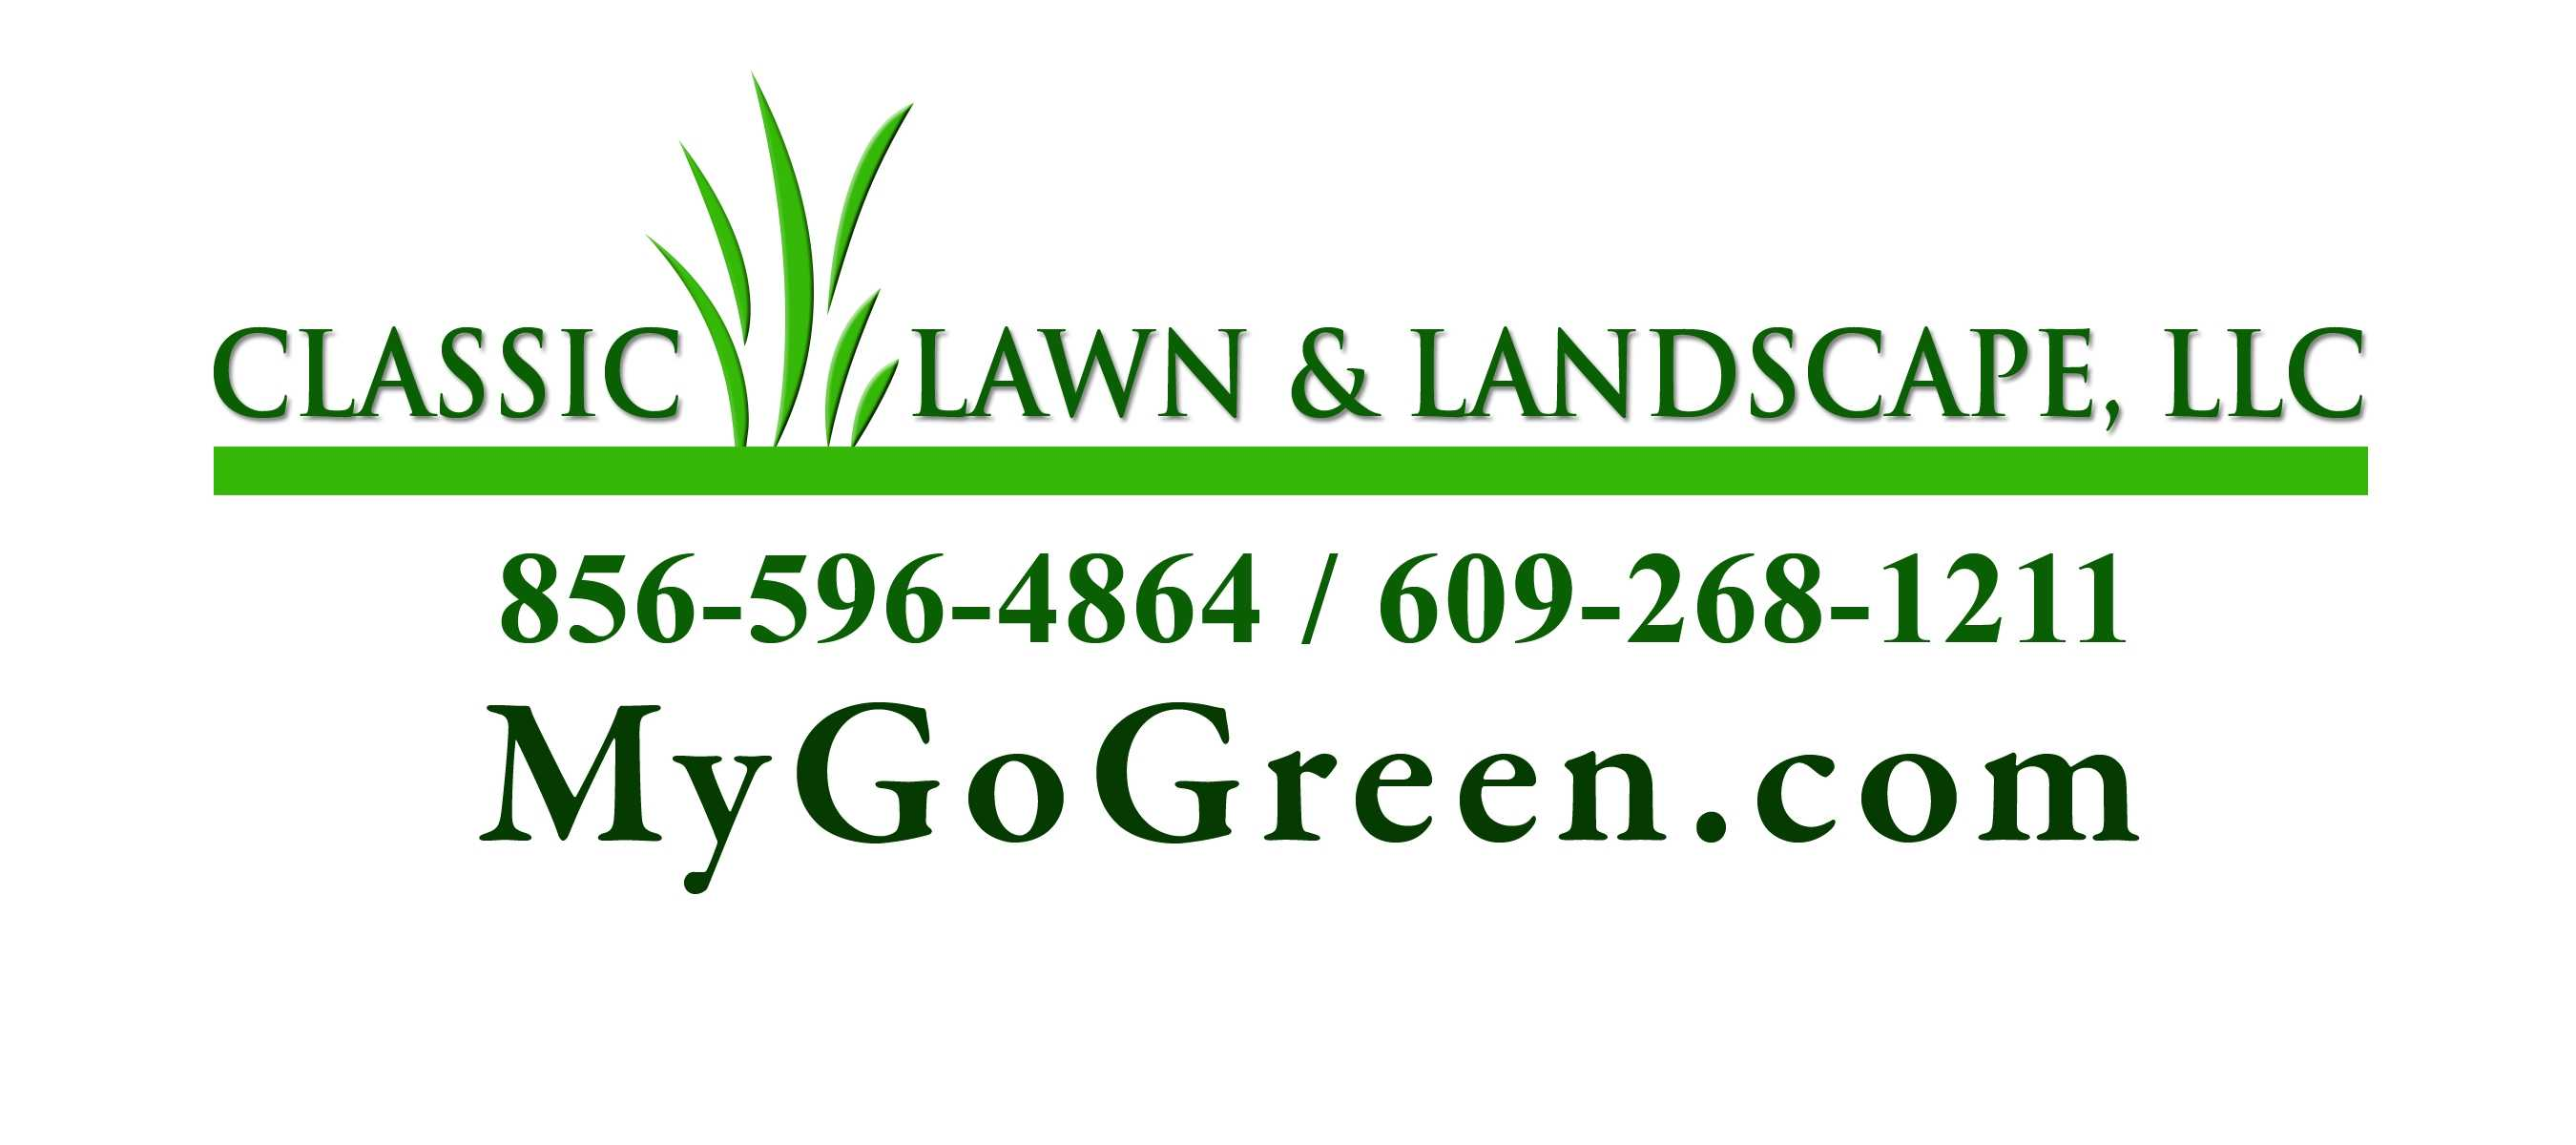 Classic Lawn & Landscape